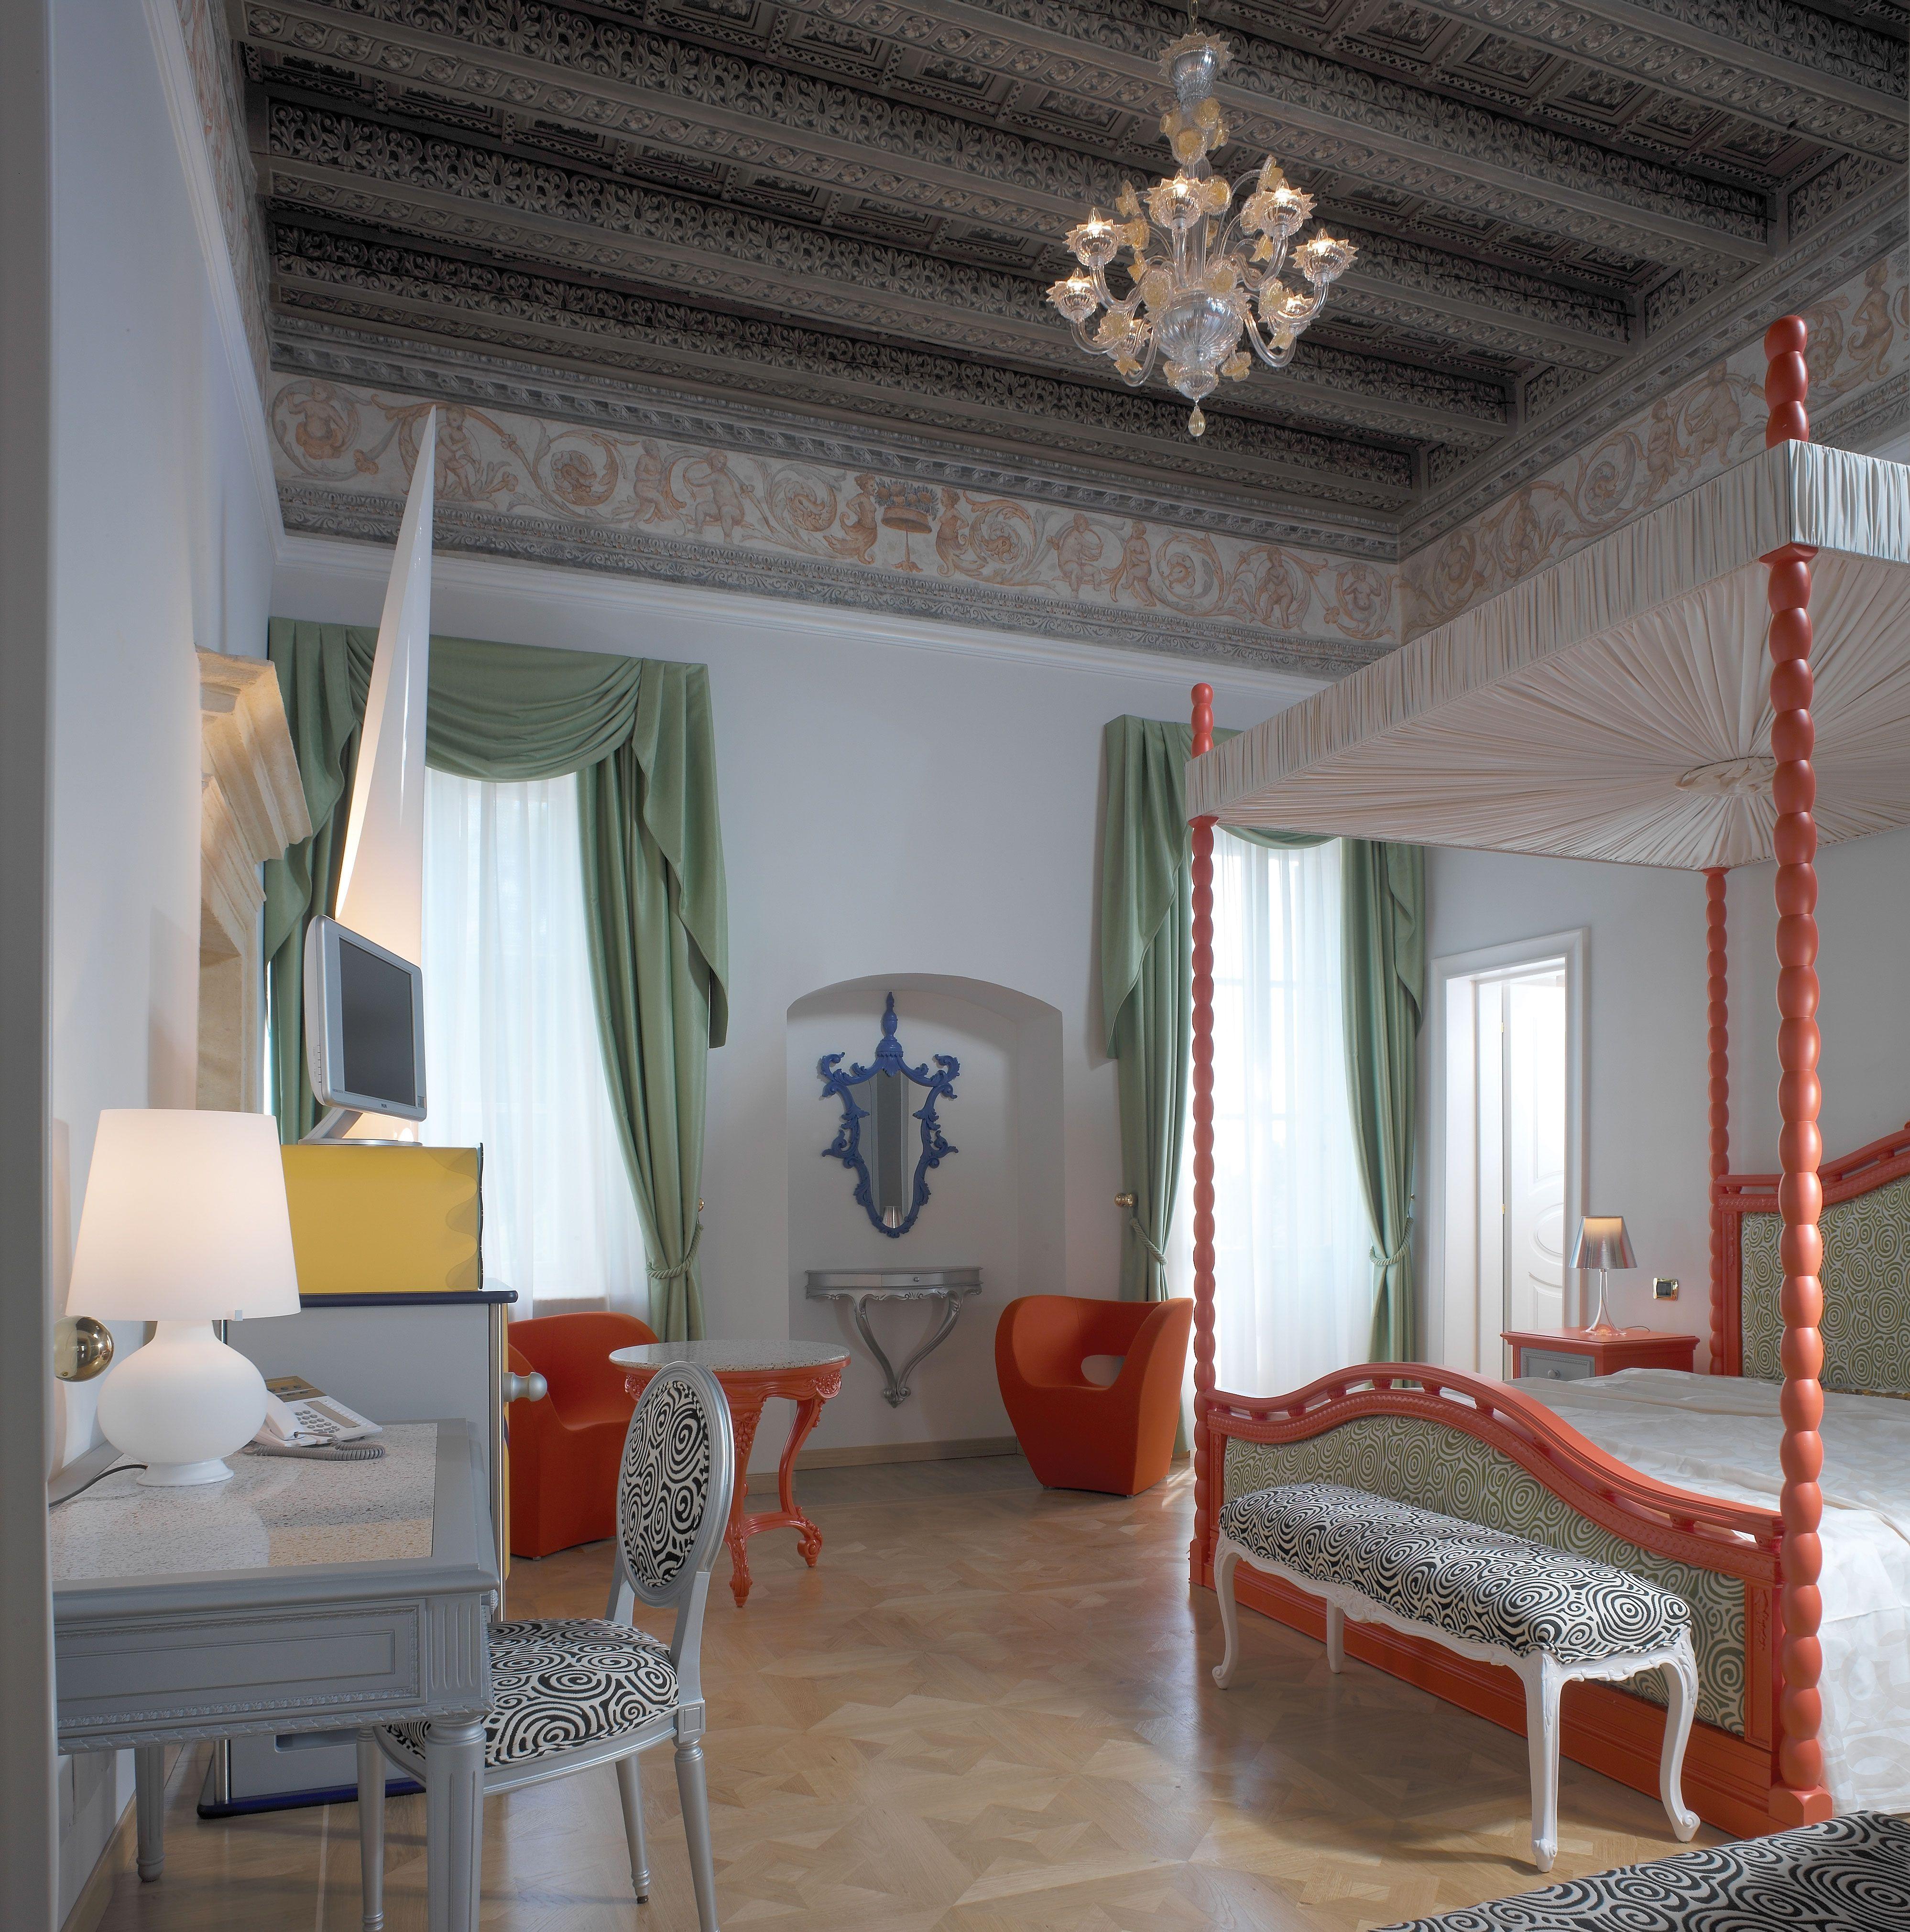 Berti pavimenti legno, disegni artistici Byblos Art Hotel